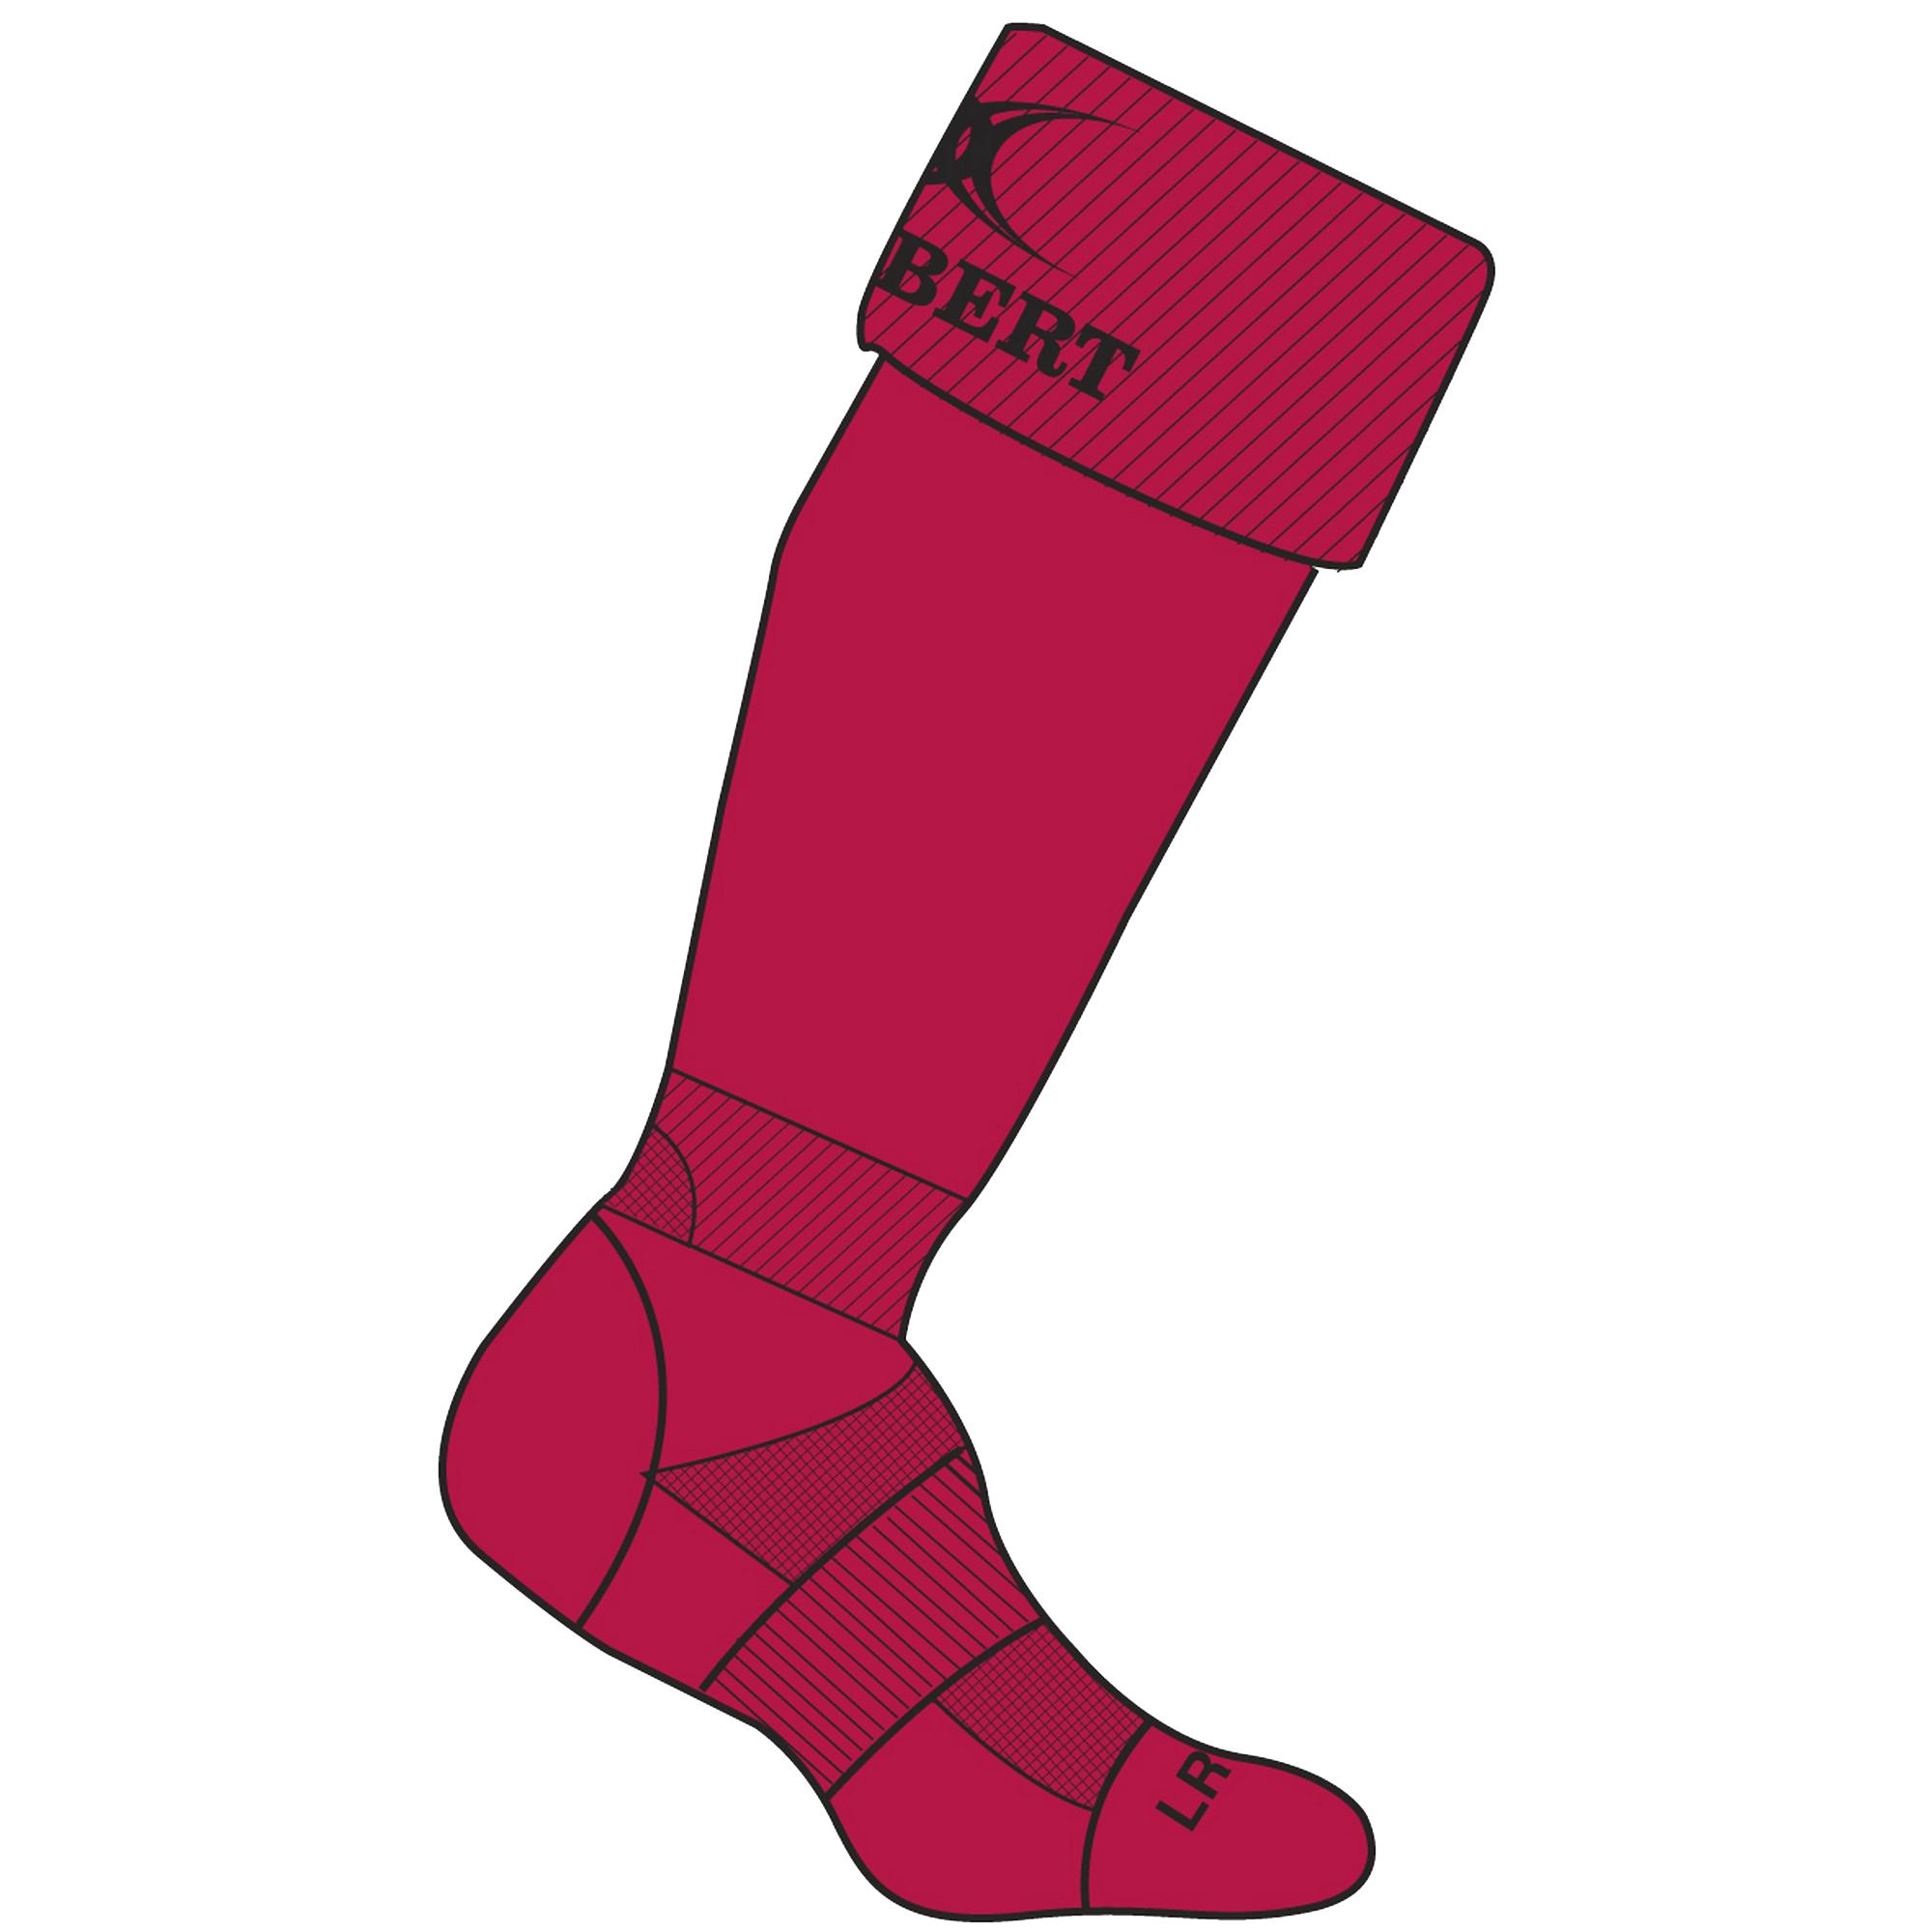 Gilbert Rugby Childrens/Kids Kryten II Rugby Socks (3-6 UK) (Red)